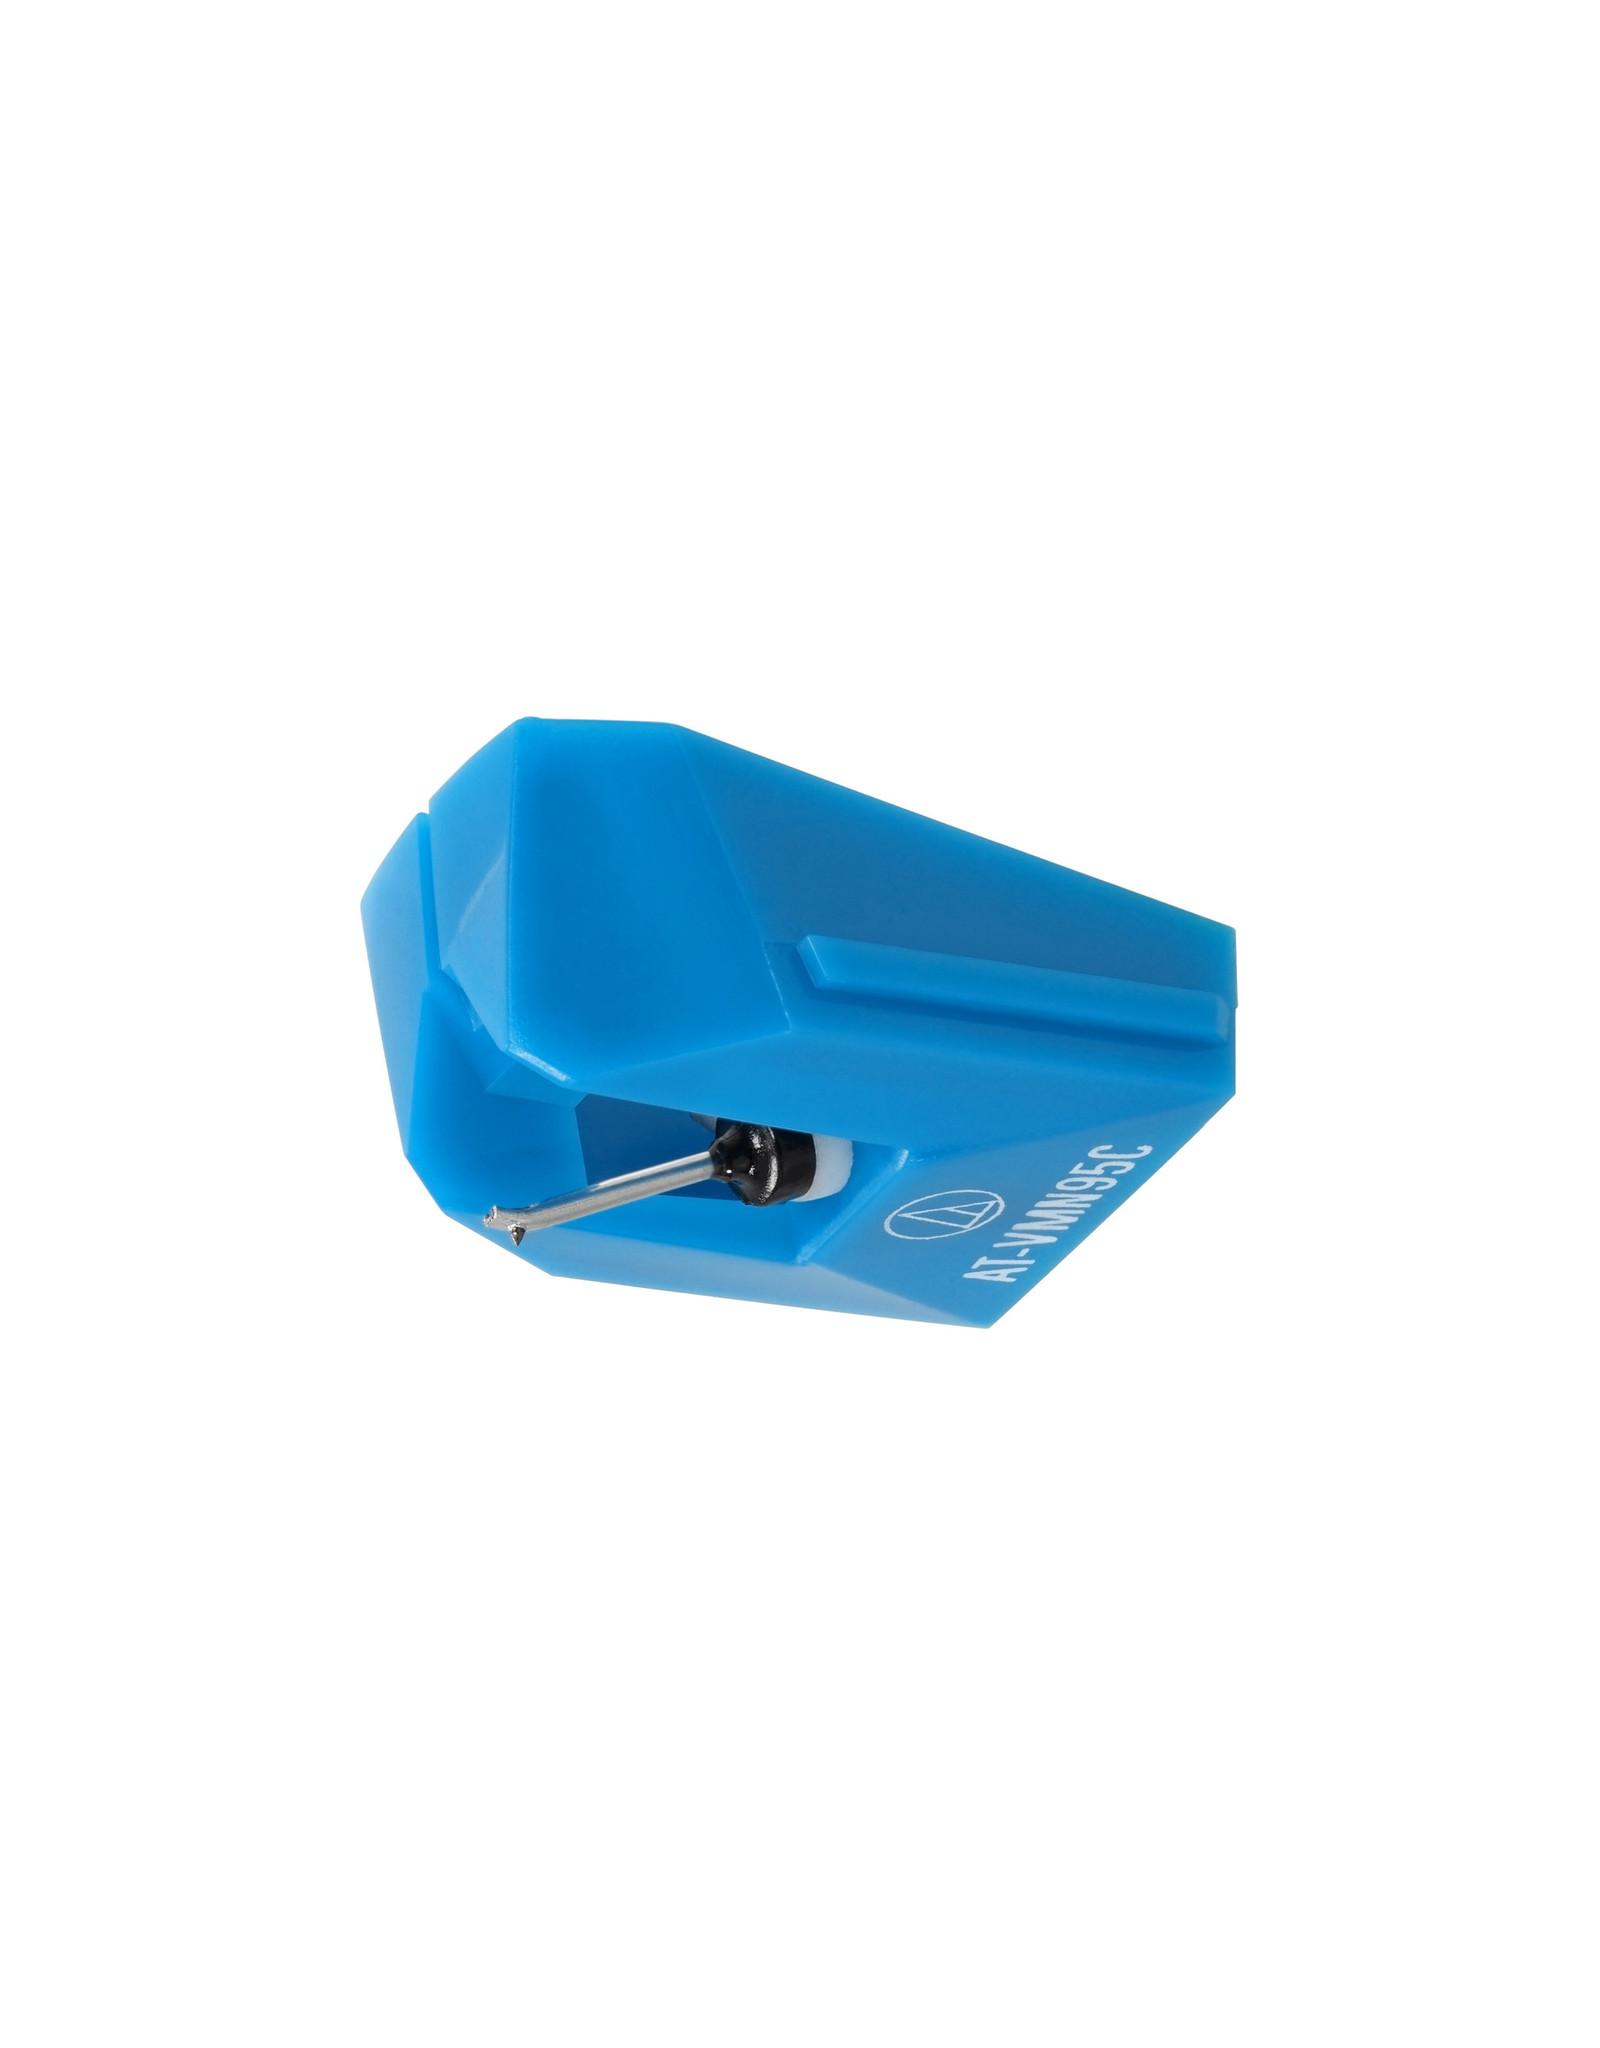 Audio-Technica Audio-Technica AT-VMN95C Phono Stylus